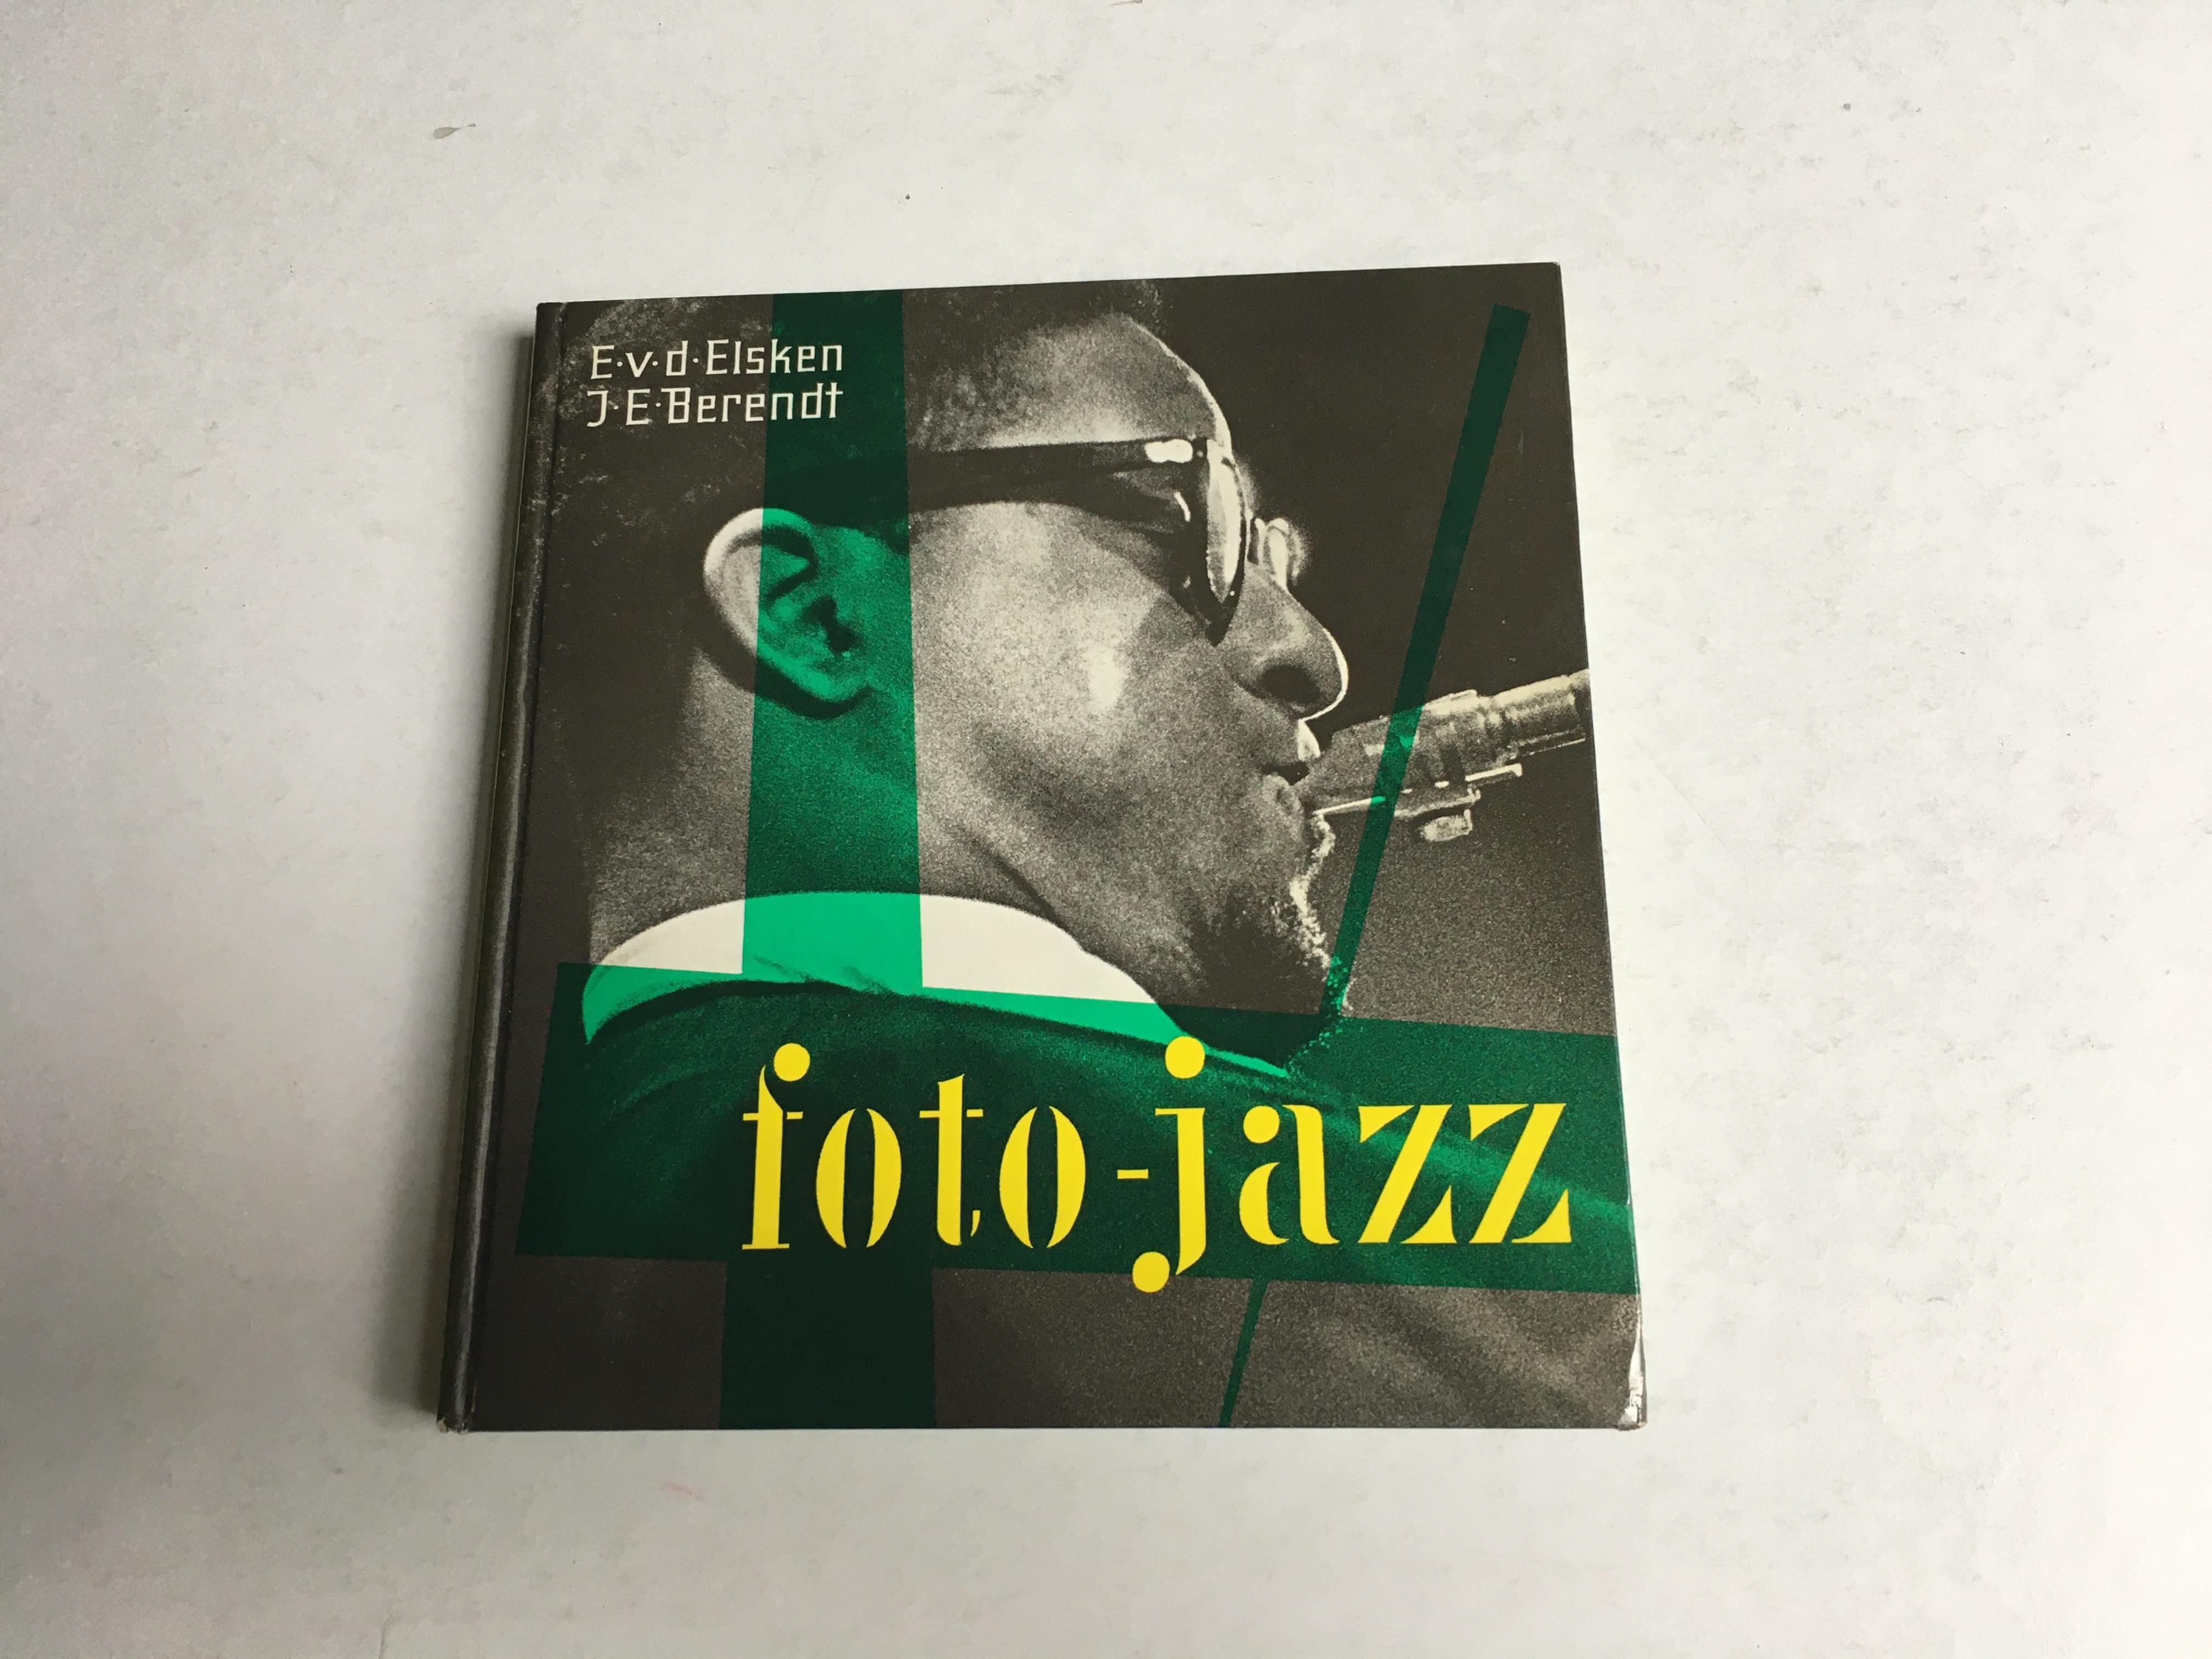 van der elsken, ed - foto-jazz. 1959